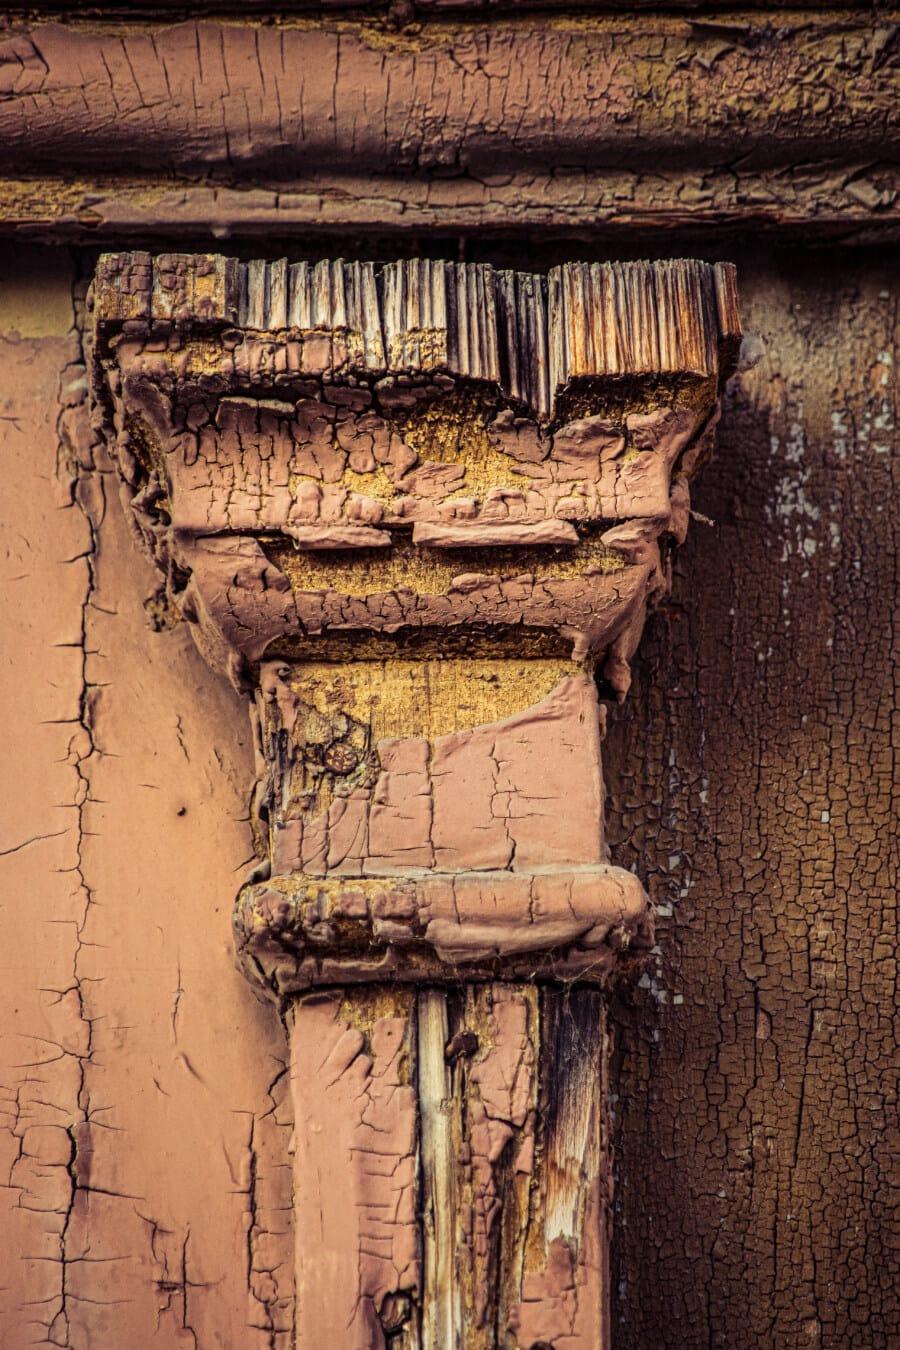 pól, sloupec, dřevěný, malování, staré, tesařství, ročník, ručně vyráběné, špinavý, Retro